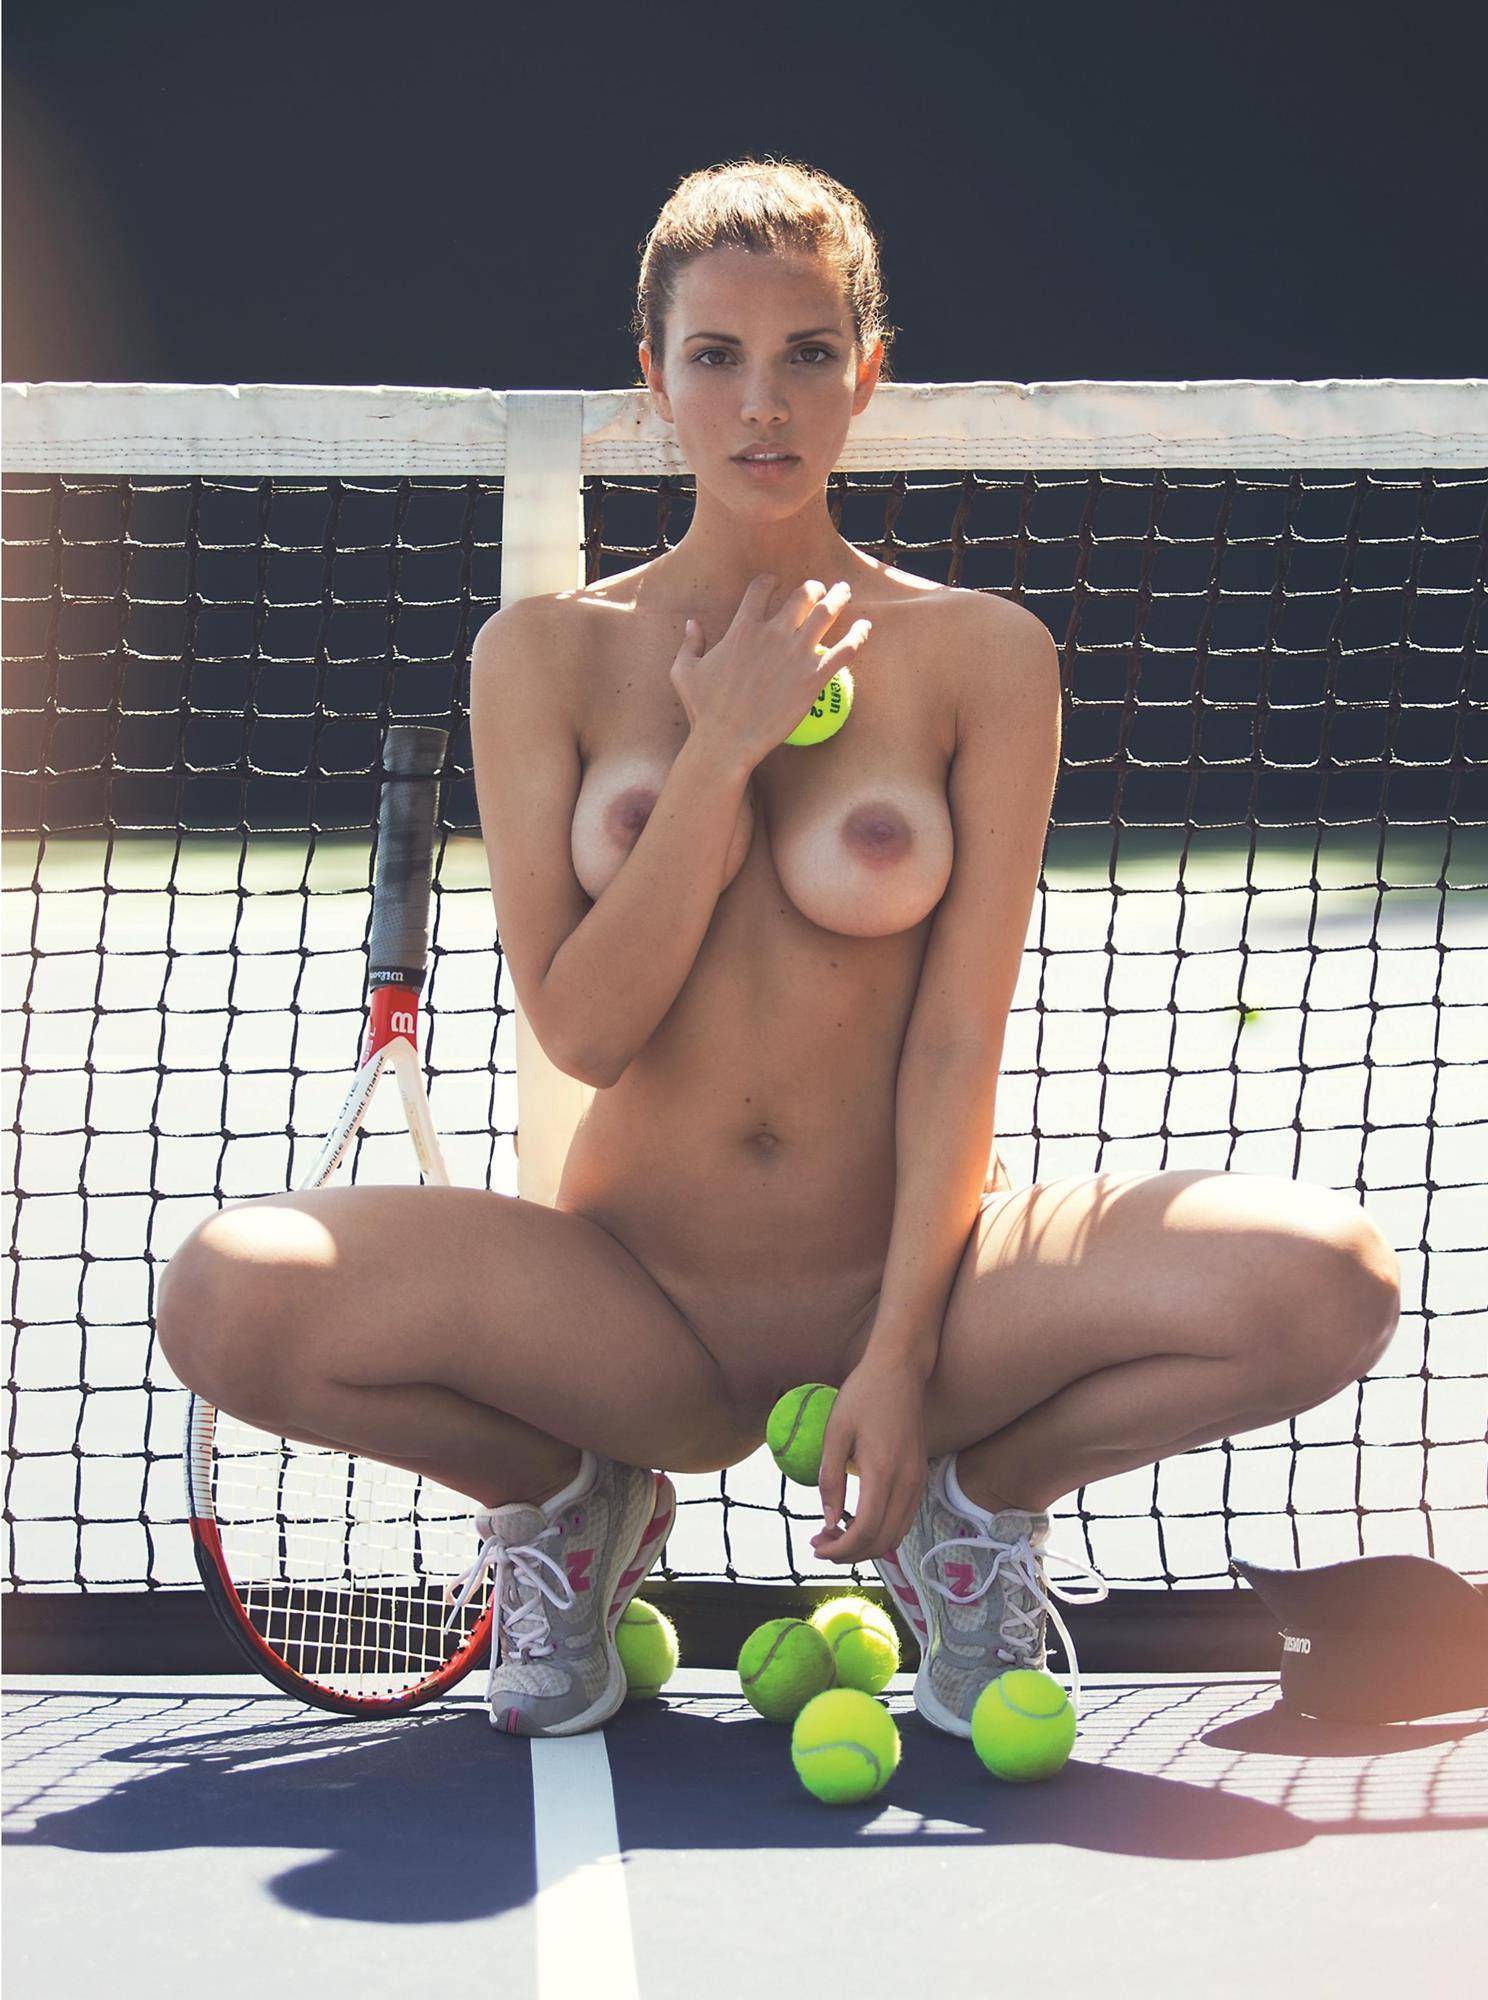 ebut-zhopu-izvestnie-sportsmenki-i-aktrisi-porno-anal-odnu